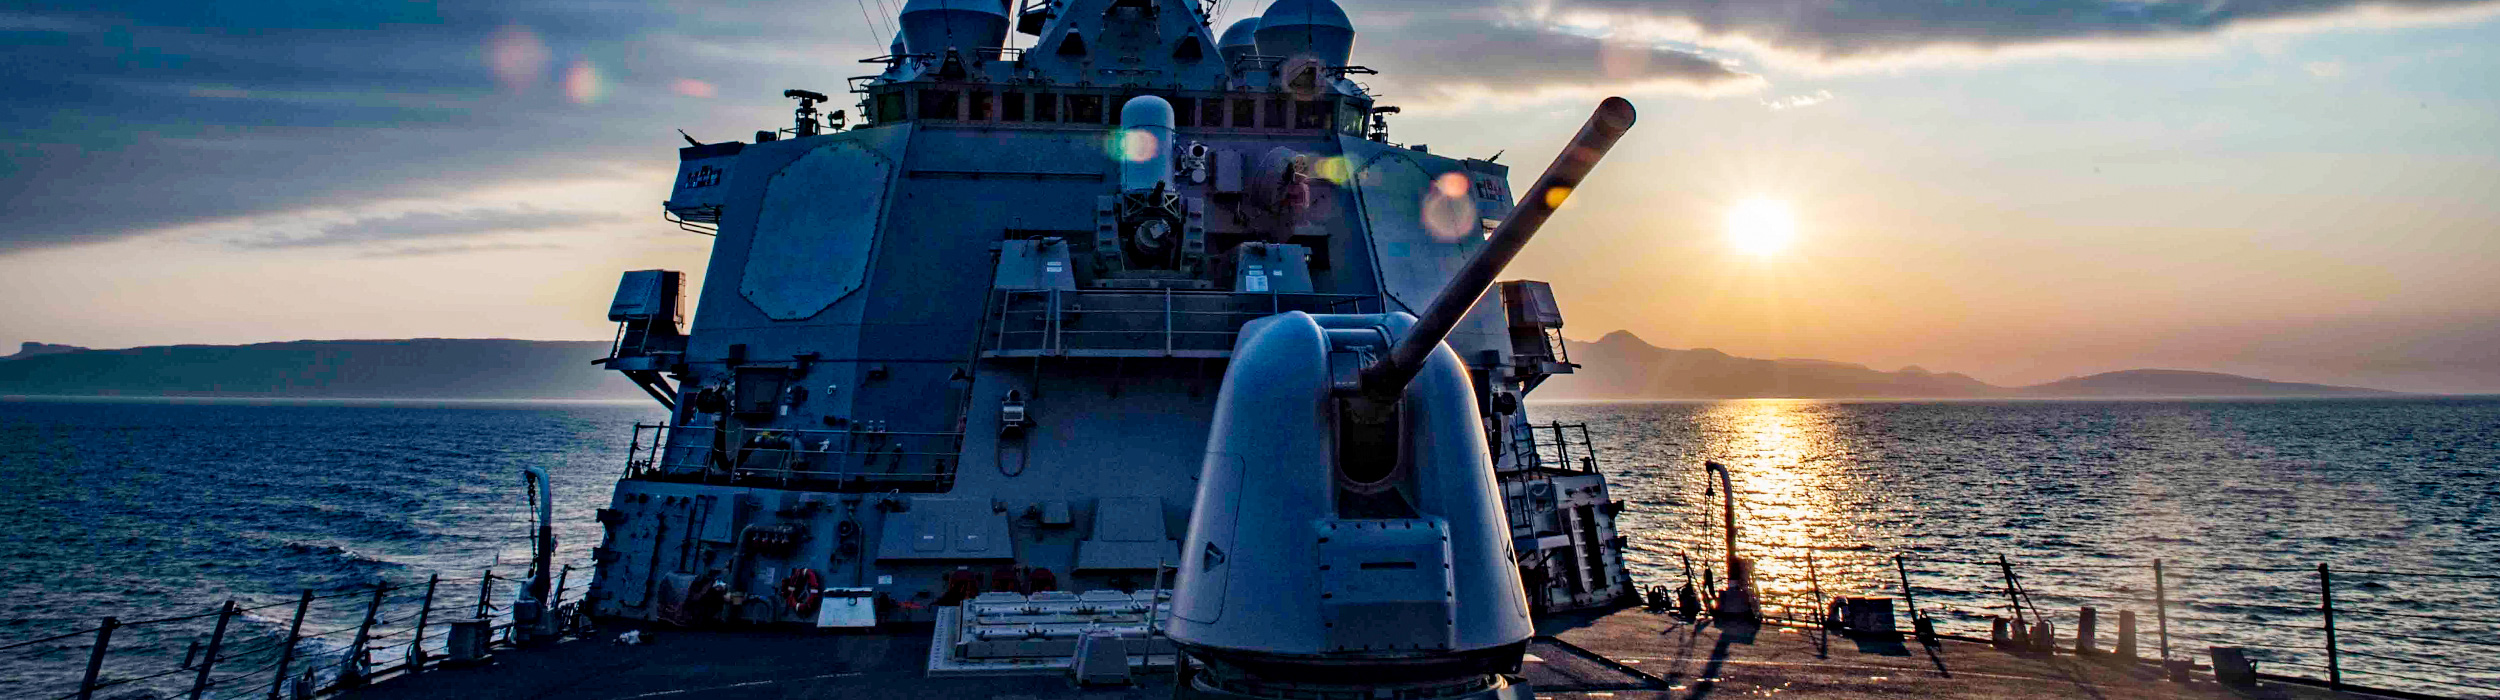 Naval Image - Gunship sunset